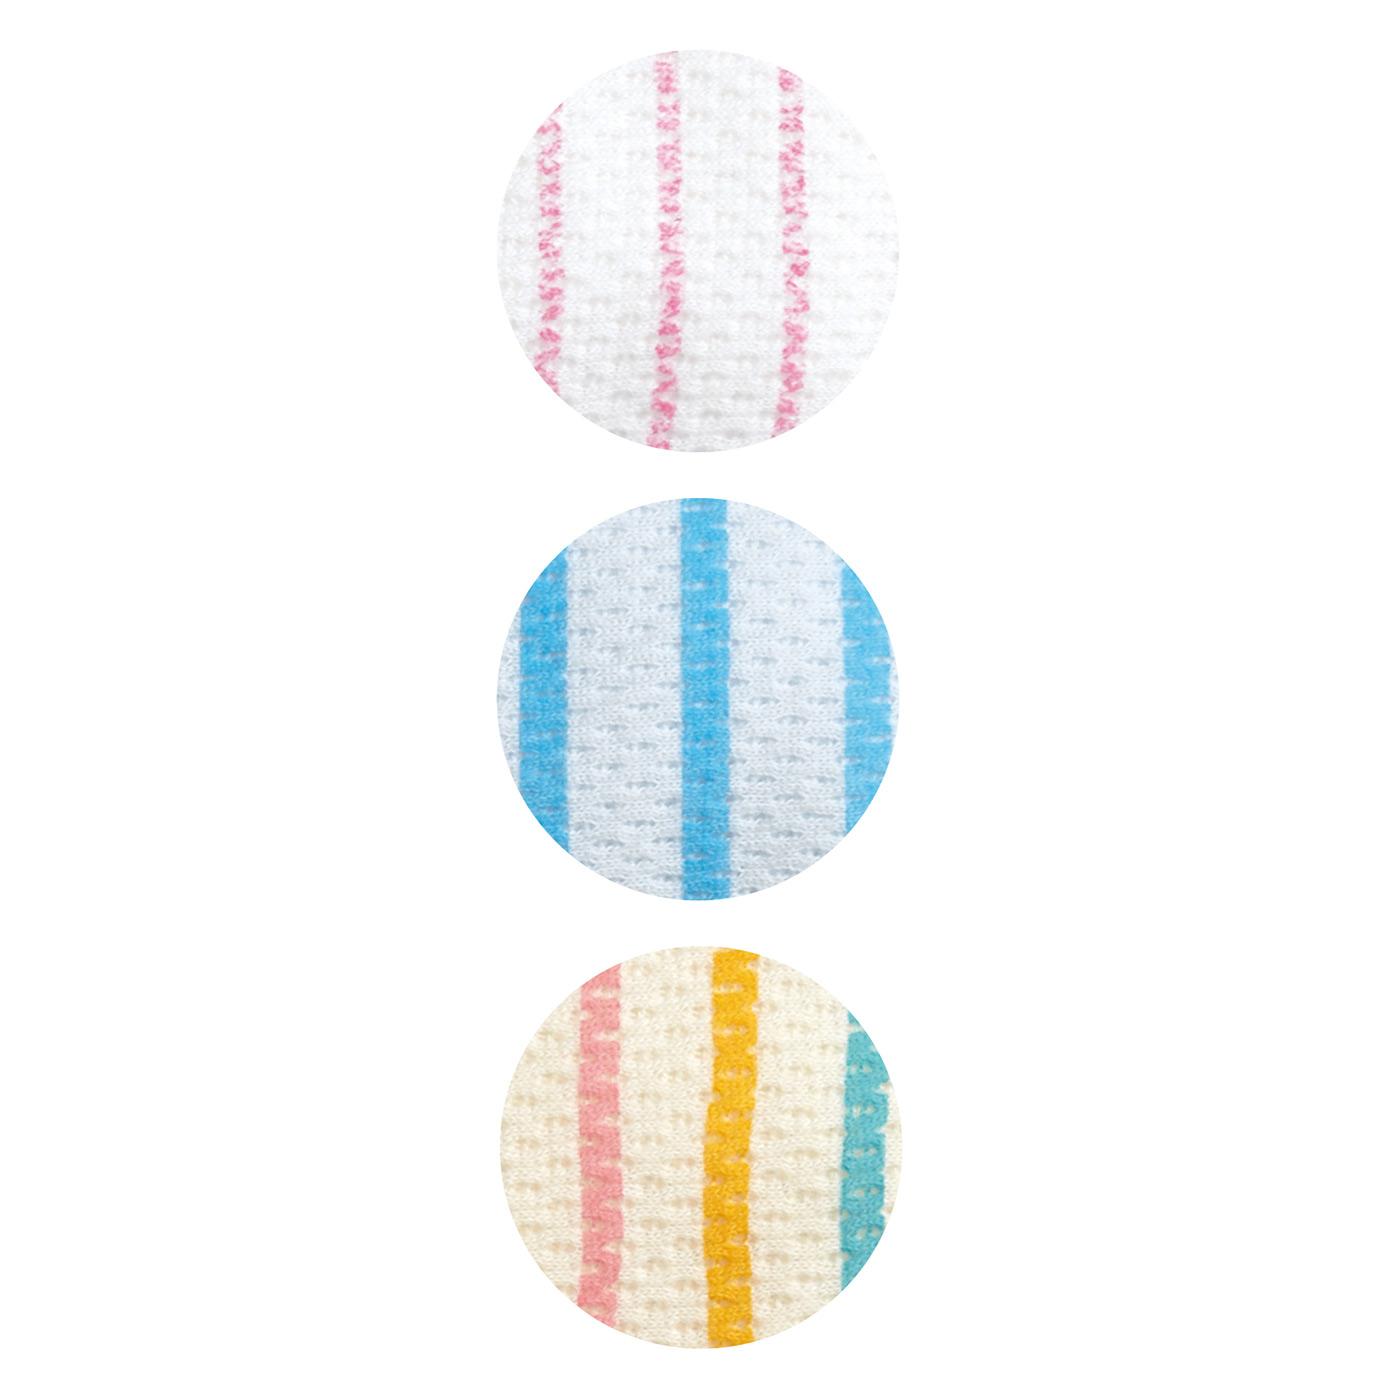 〈ピンクボーダー〉〈ブルーボーダー〉〈レインボーボーダー〉の3色展開。